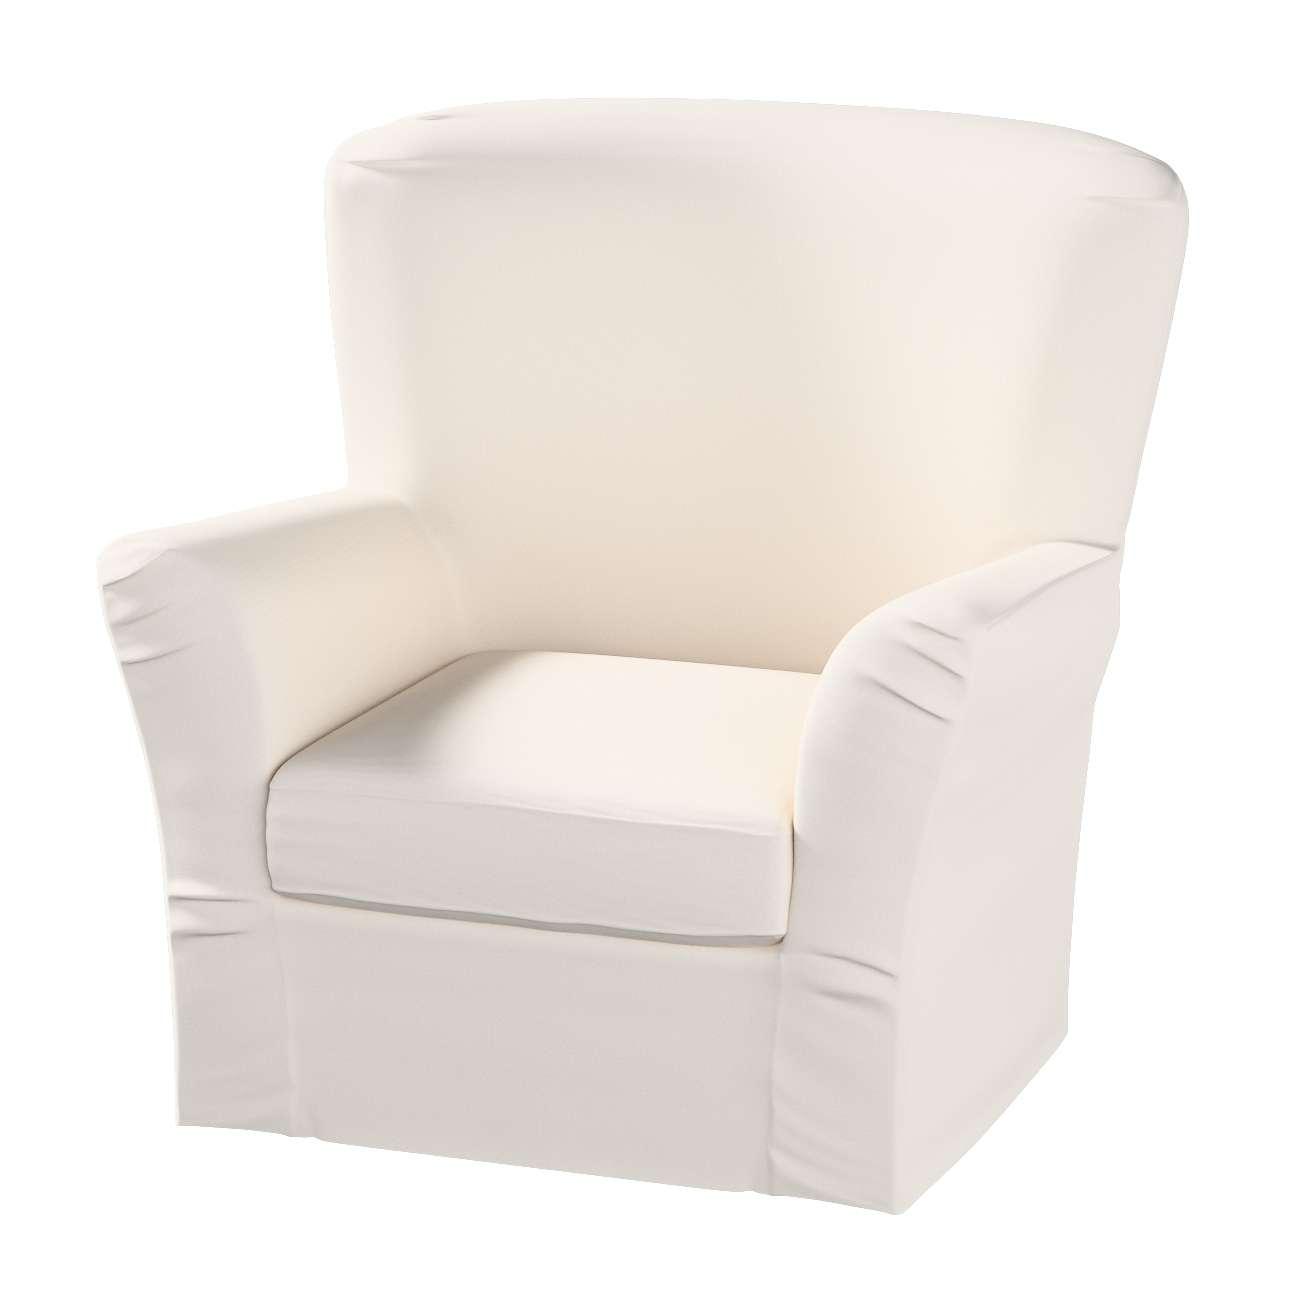 Pokrowiec na fotel Tomelilla z zakładkami fotel Tomelilla w kolekcji Etna , tkanina: 705-01